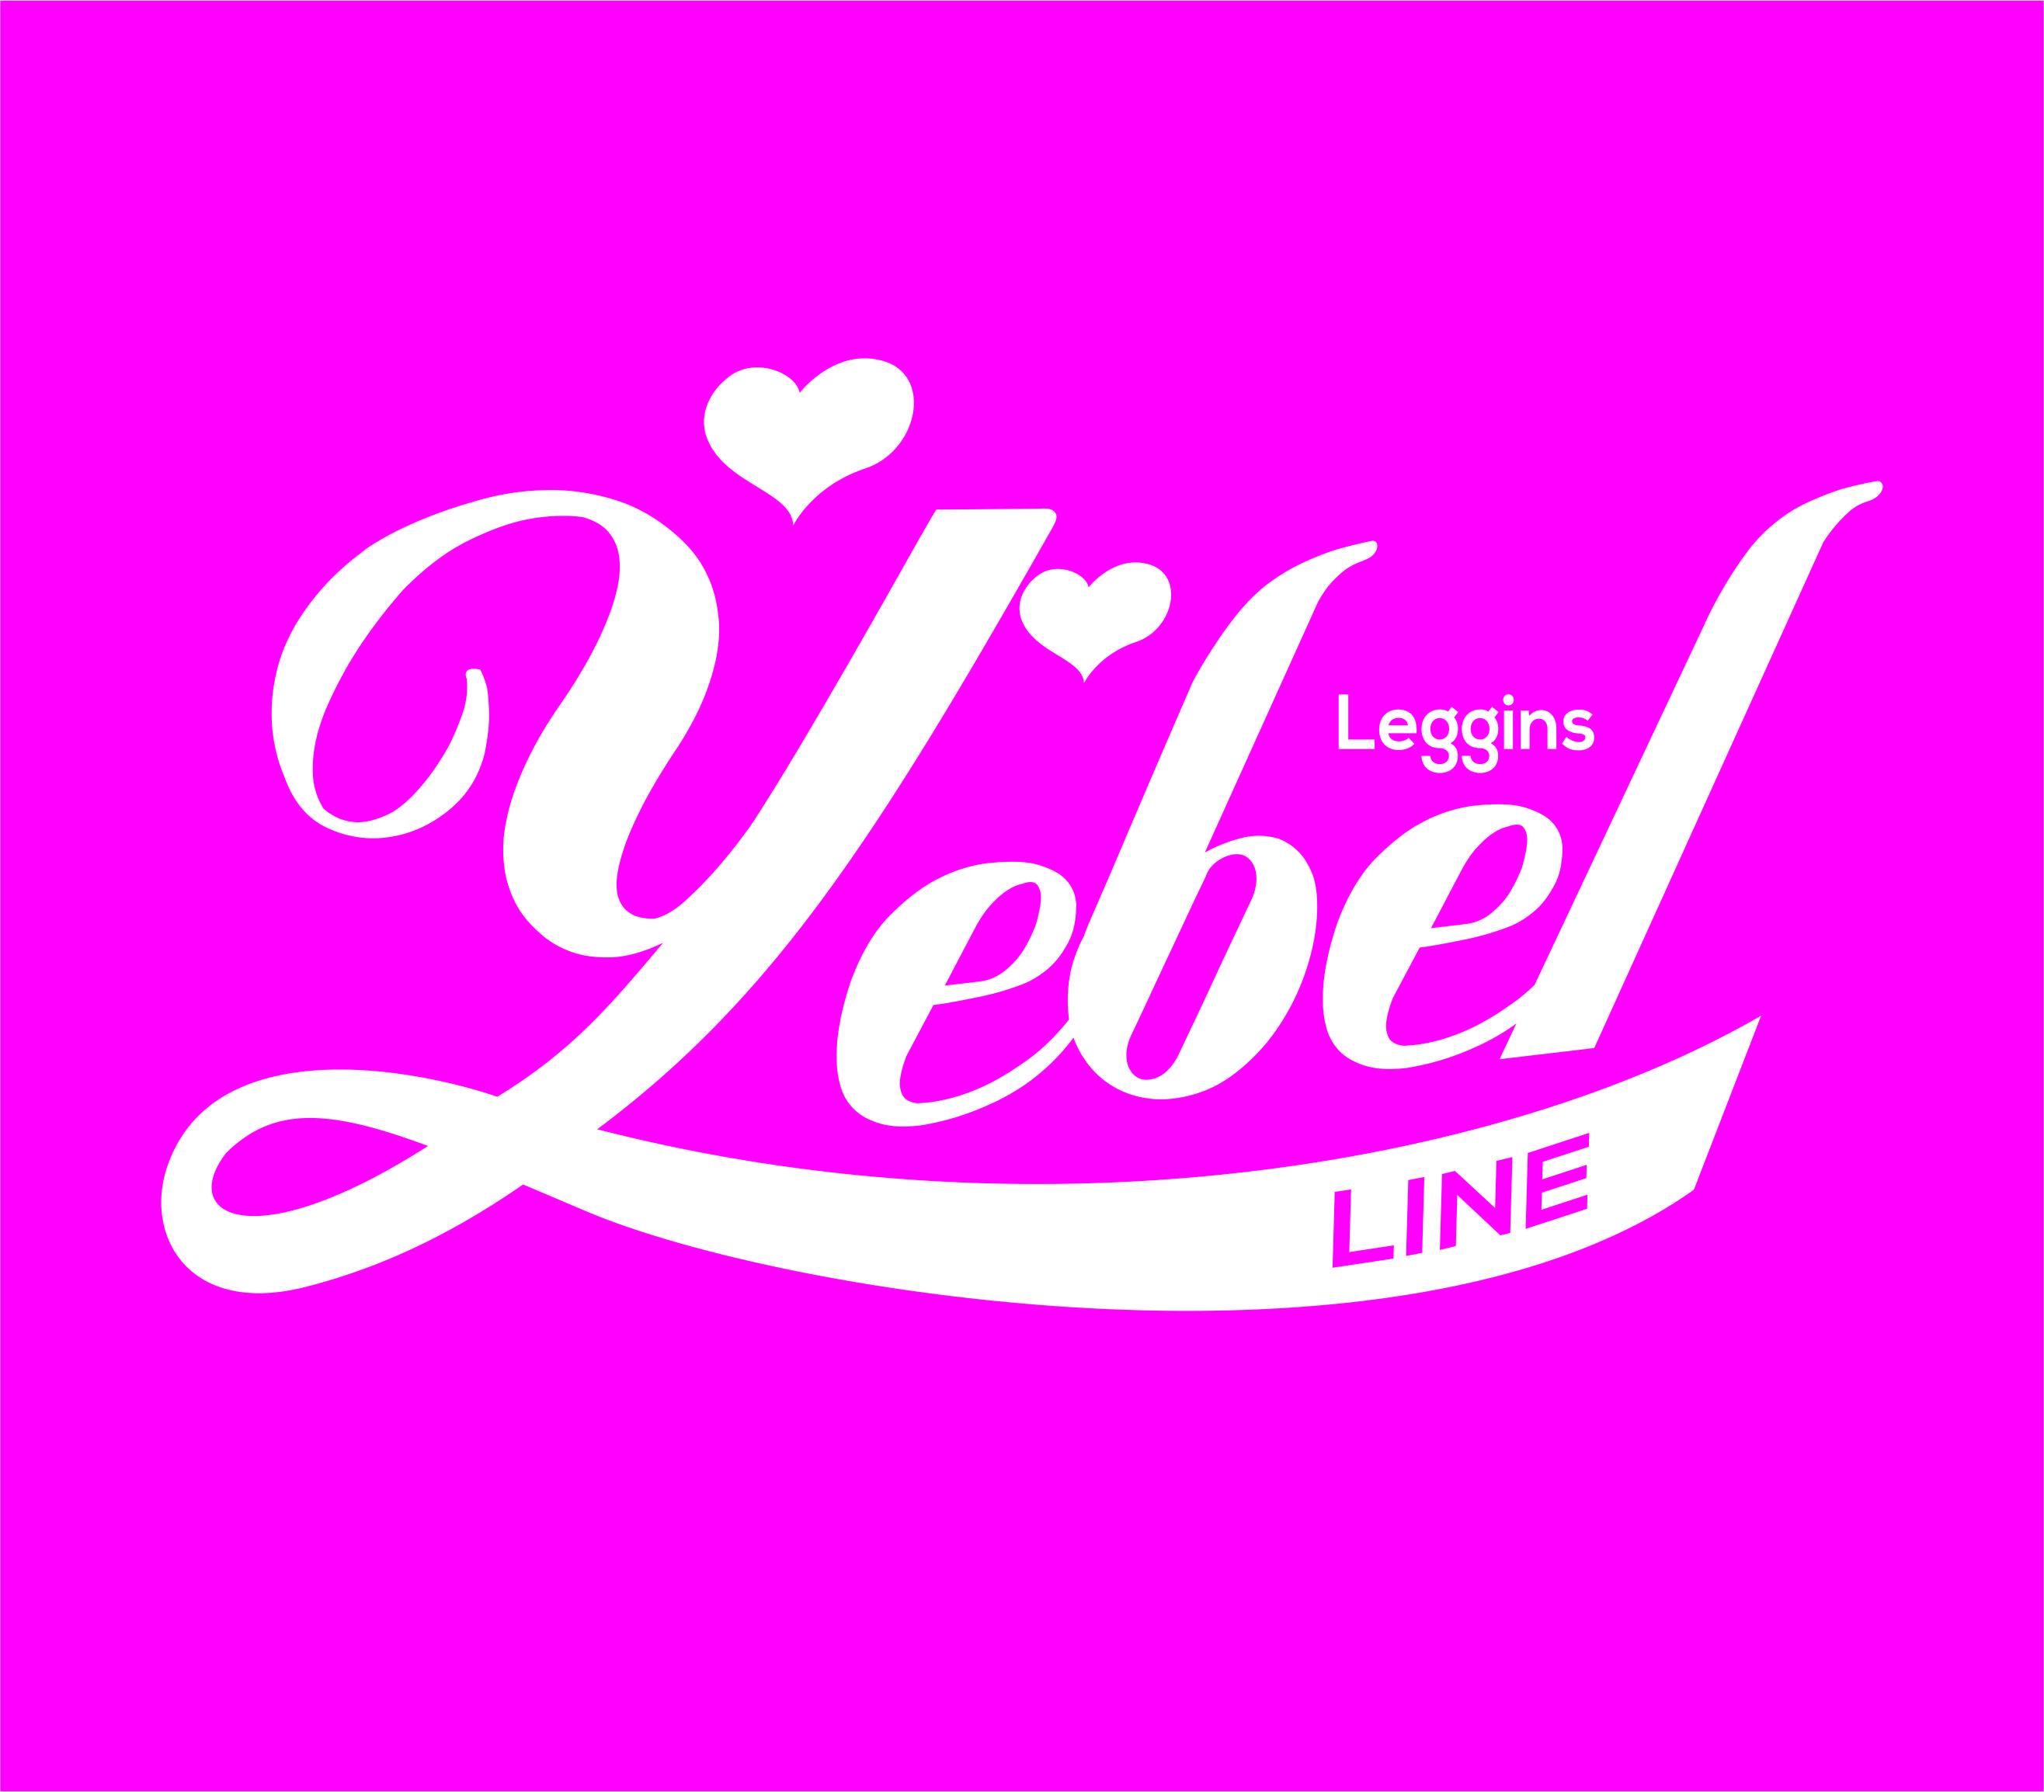 YEBEL Line